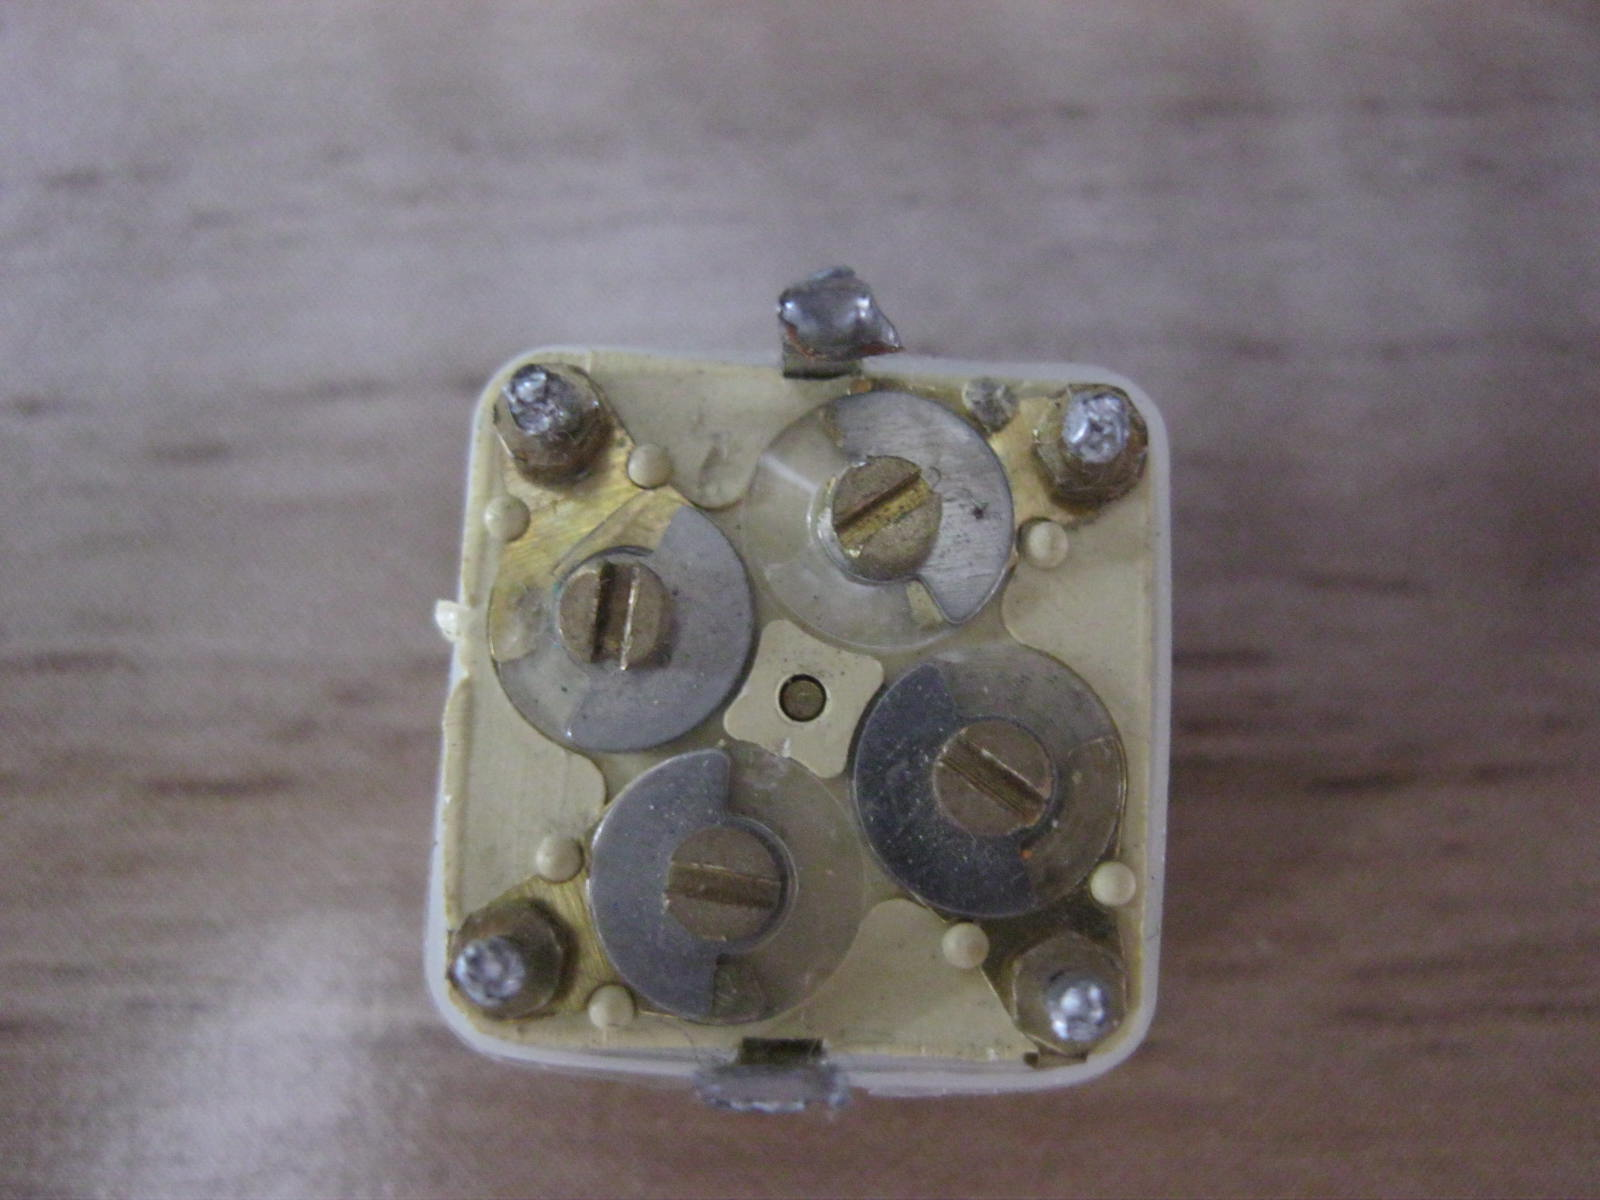 схема металлоискателя на микросхеме к521са3 илик554са3